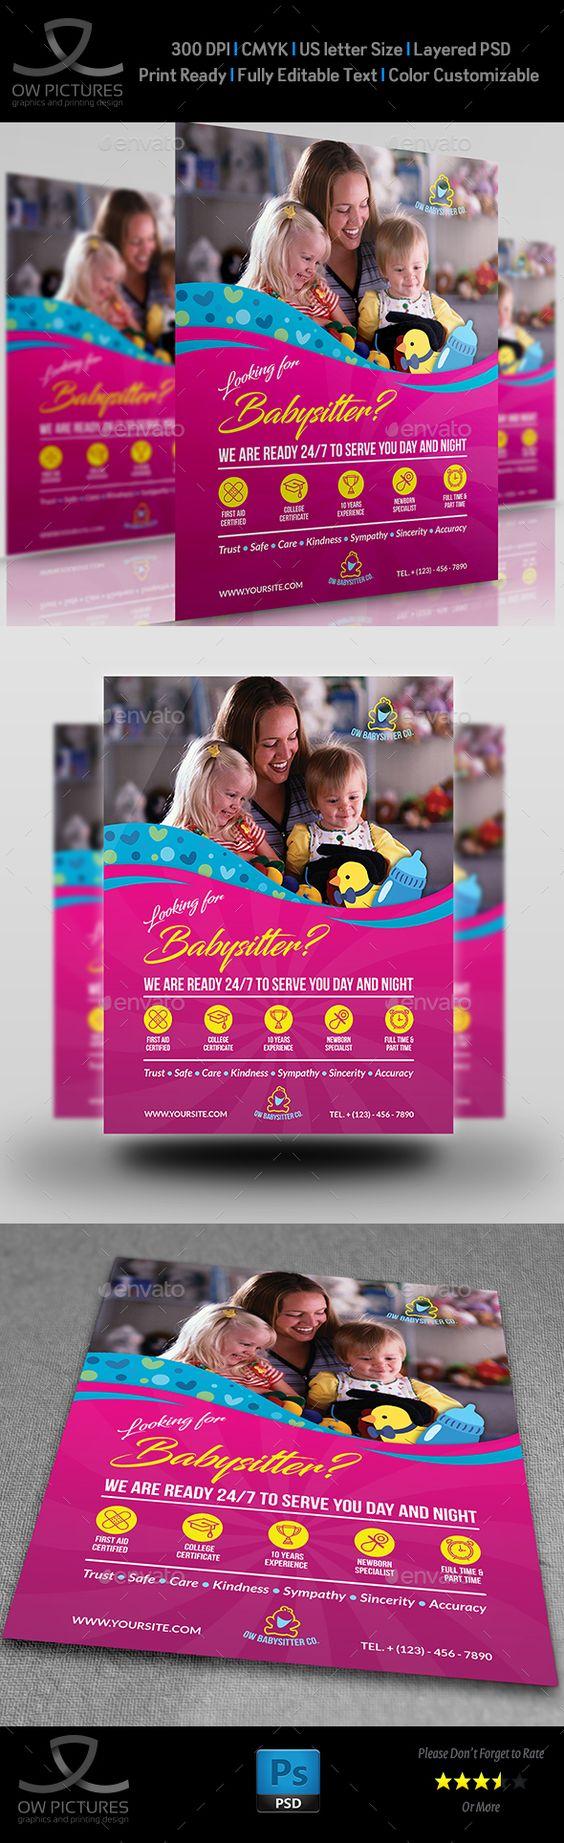 babysitter flyer template babysitter modello di volantino e babysitter flyer design template flyers template psd here